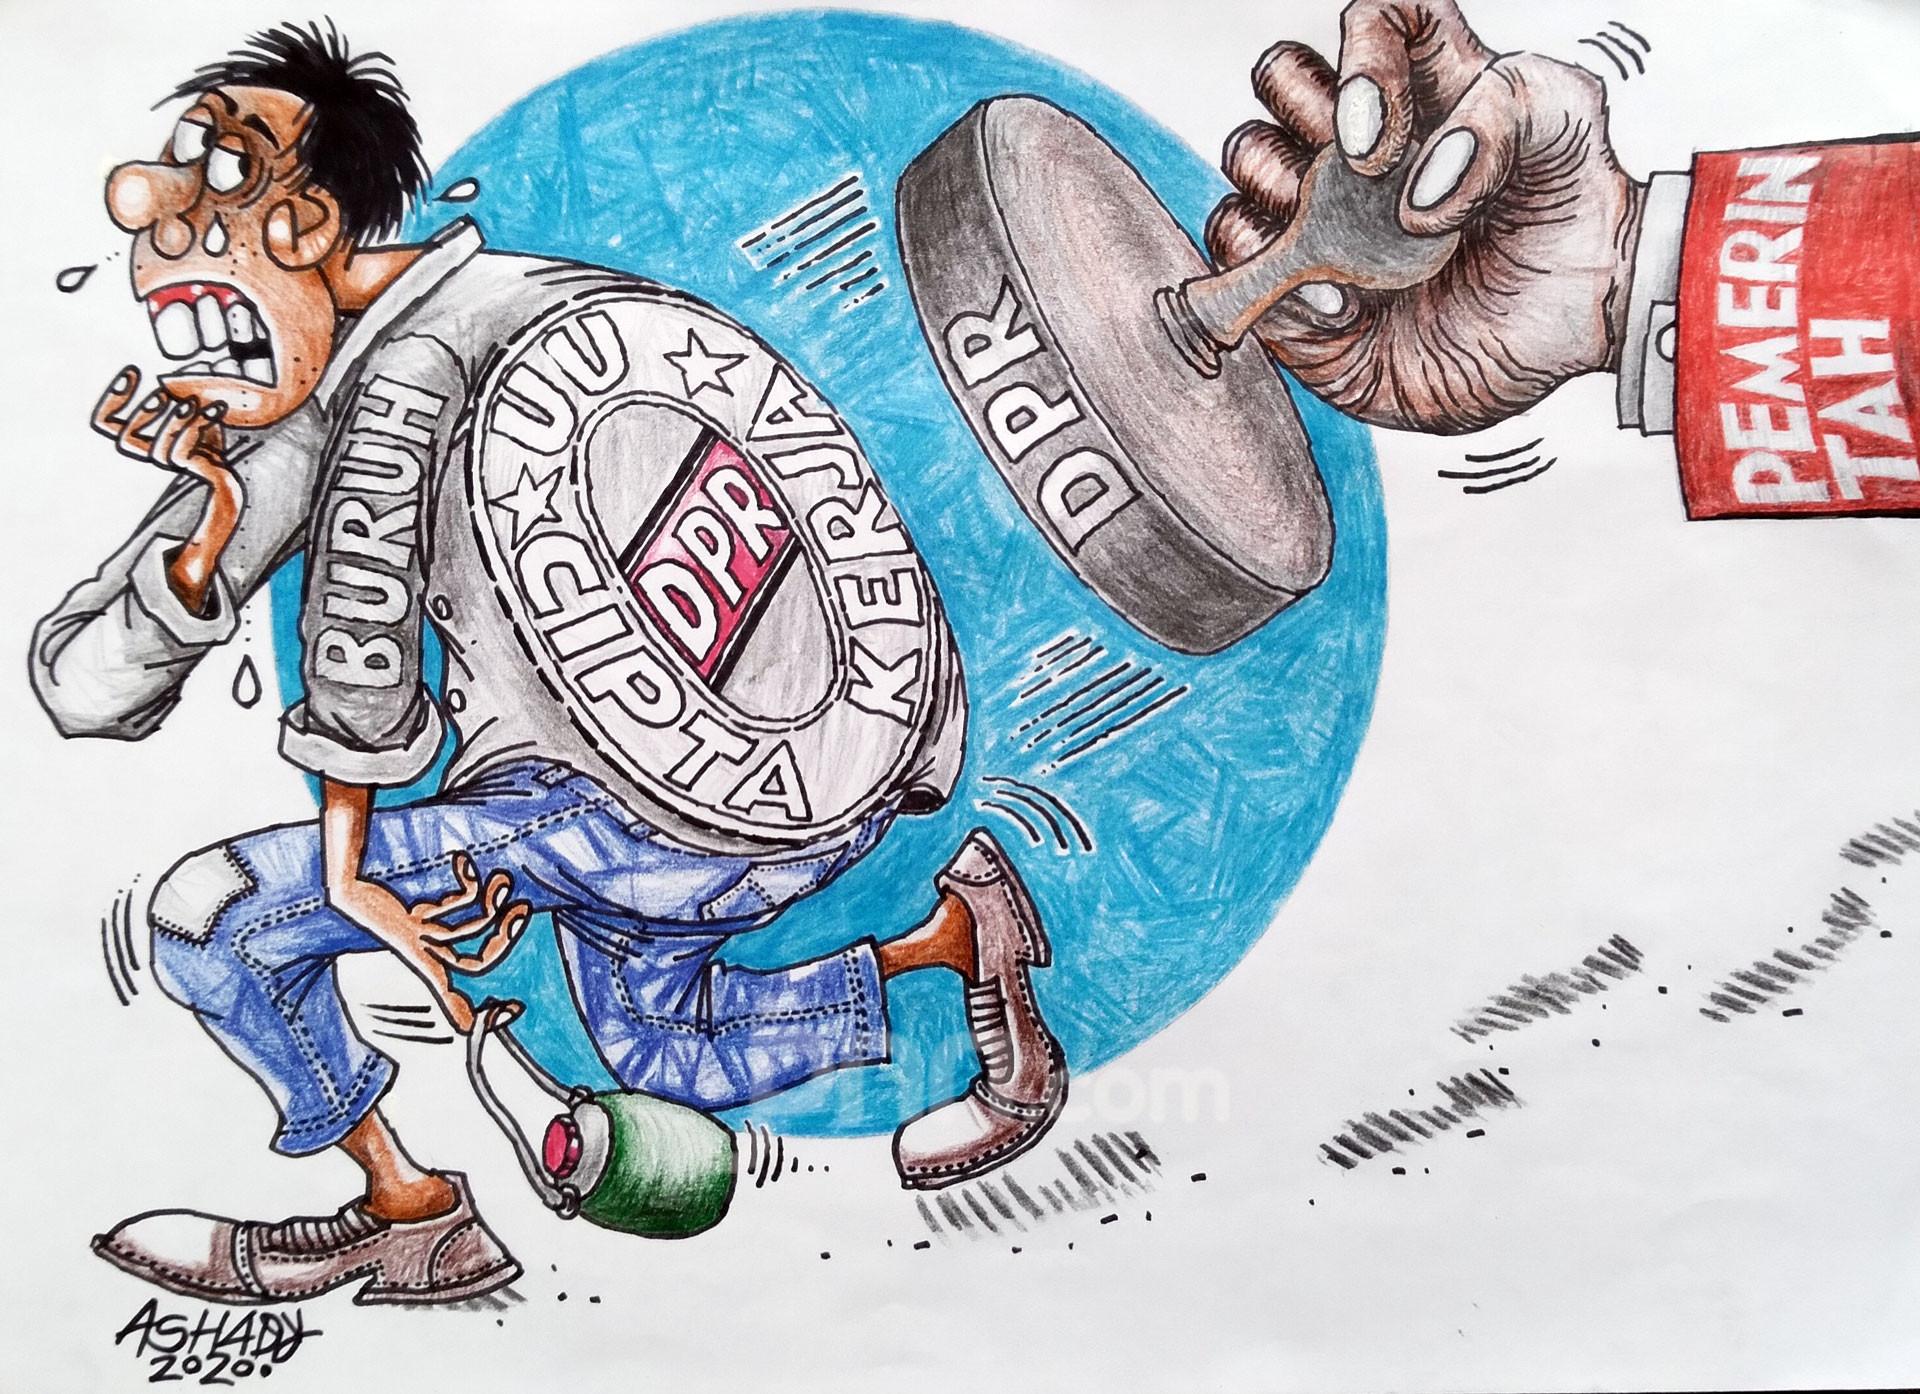 Undang-Undang Cipta Kerja. Karikatur oleh Ashady - JPNN.com